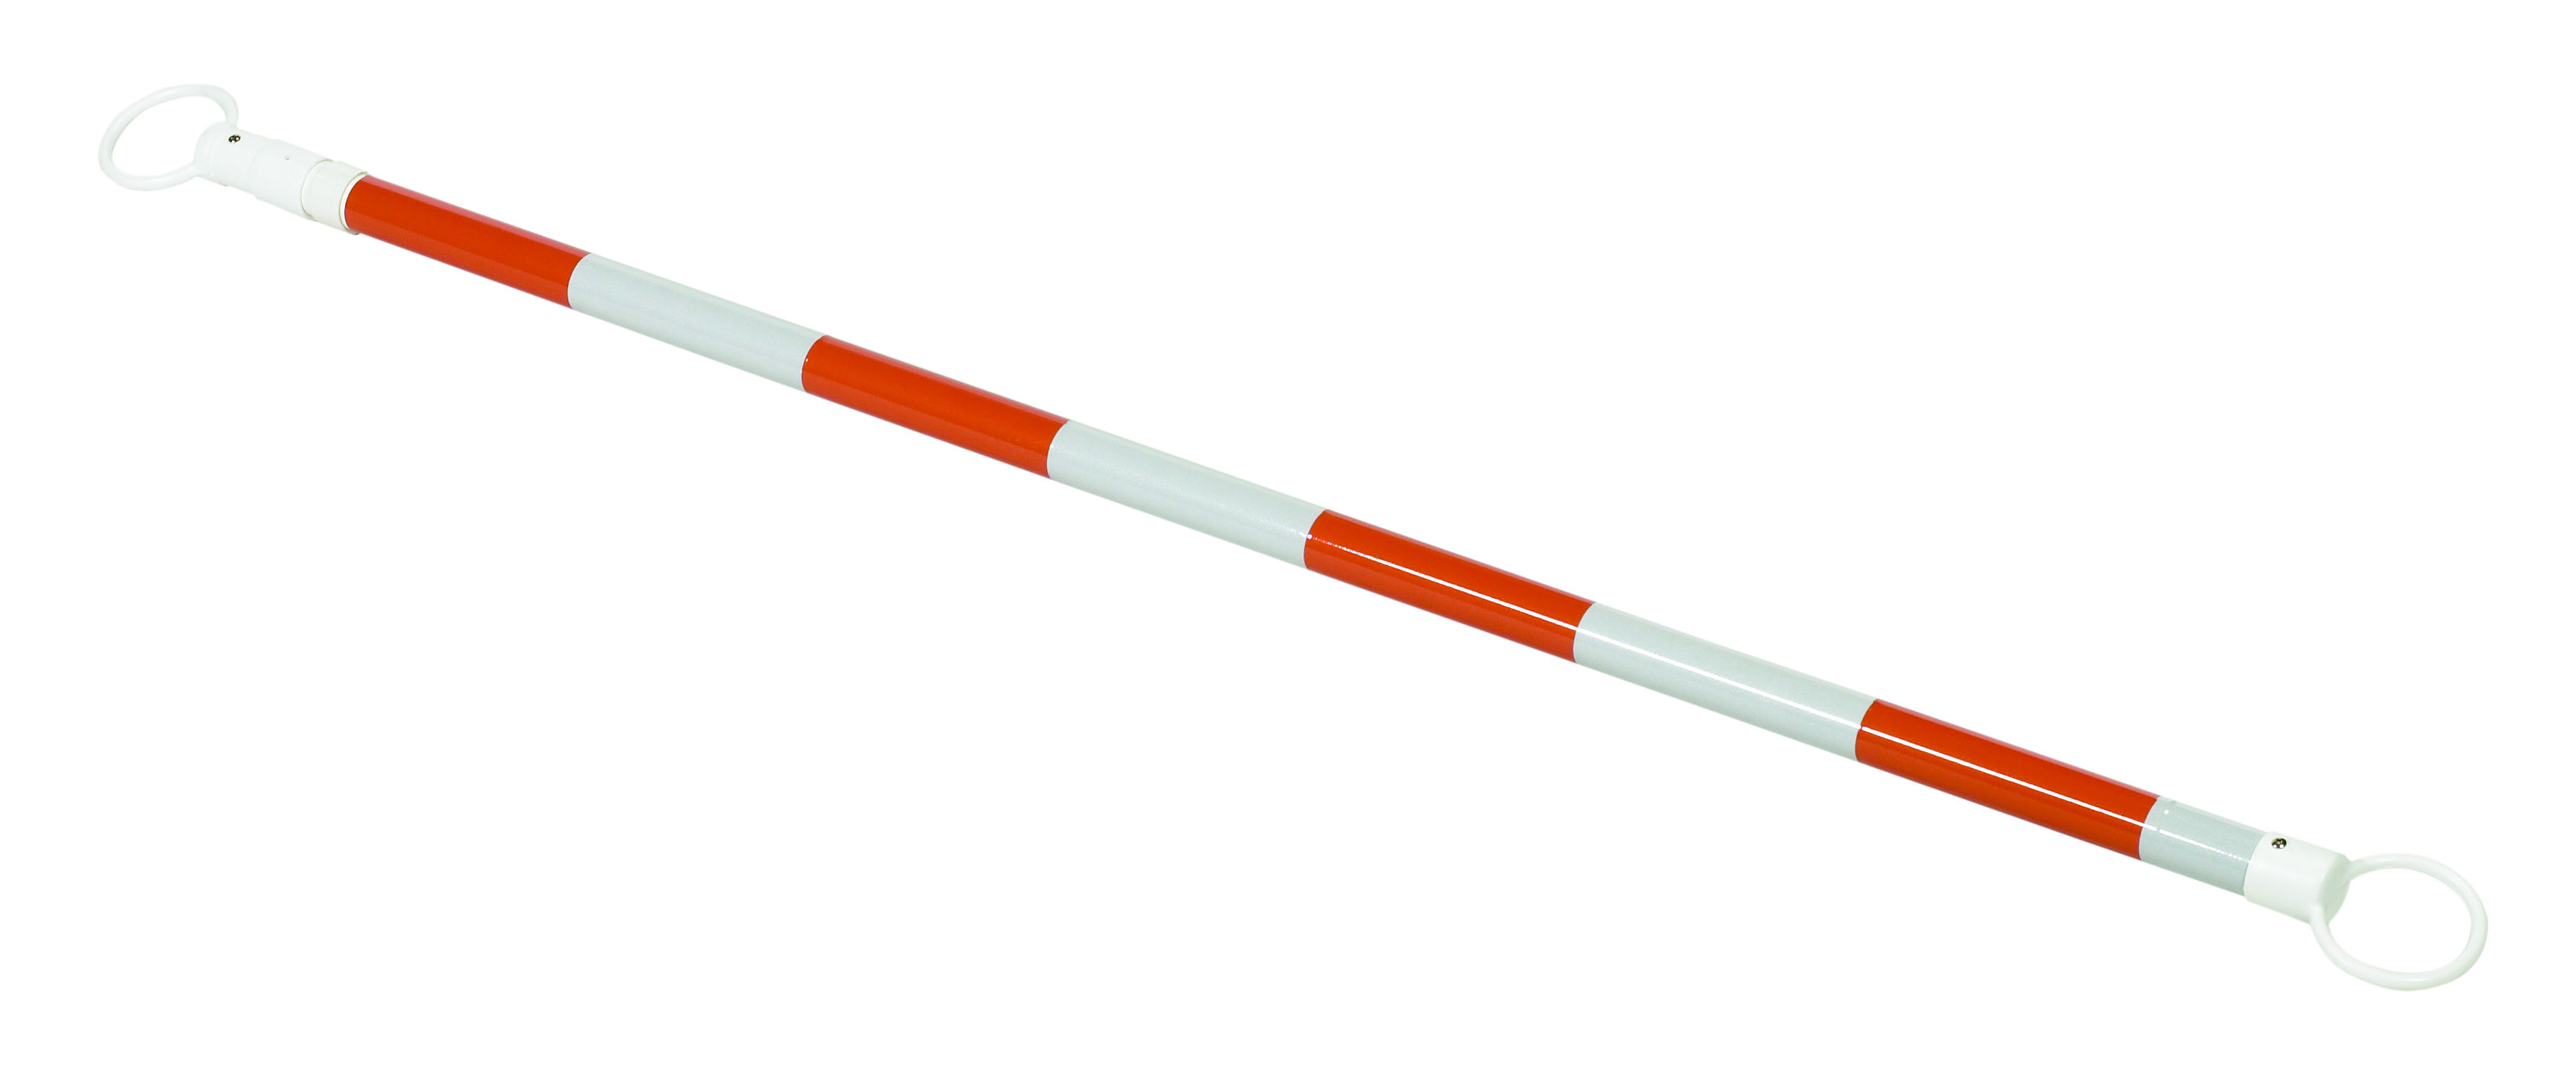 Retractable Cone Bars